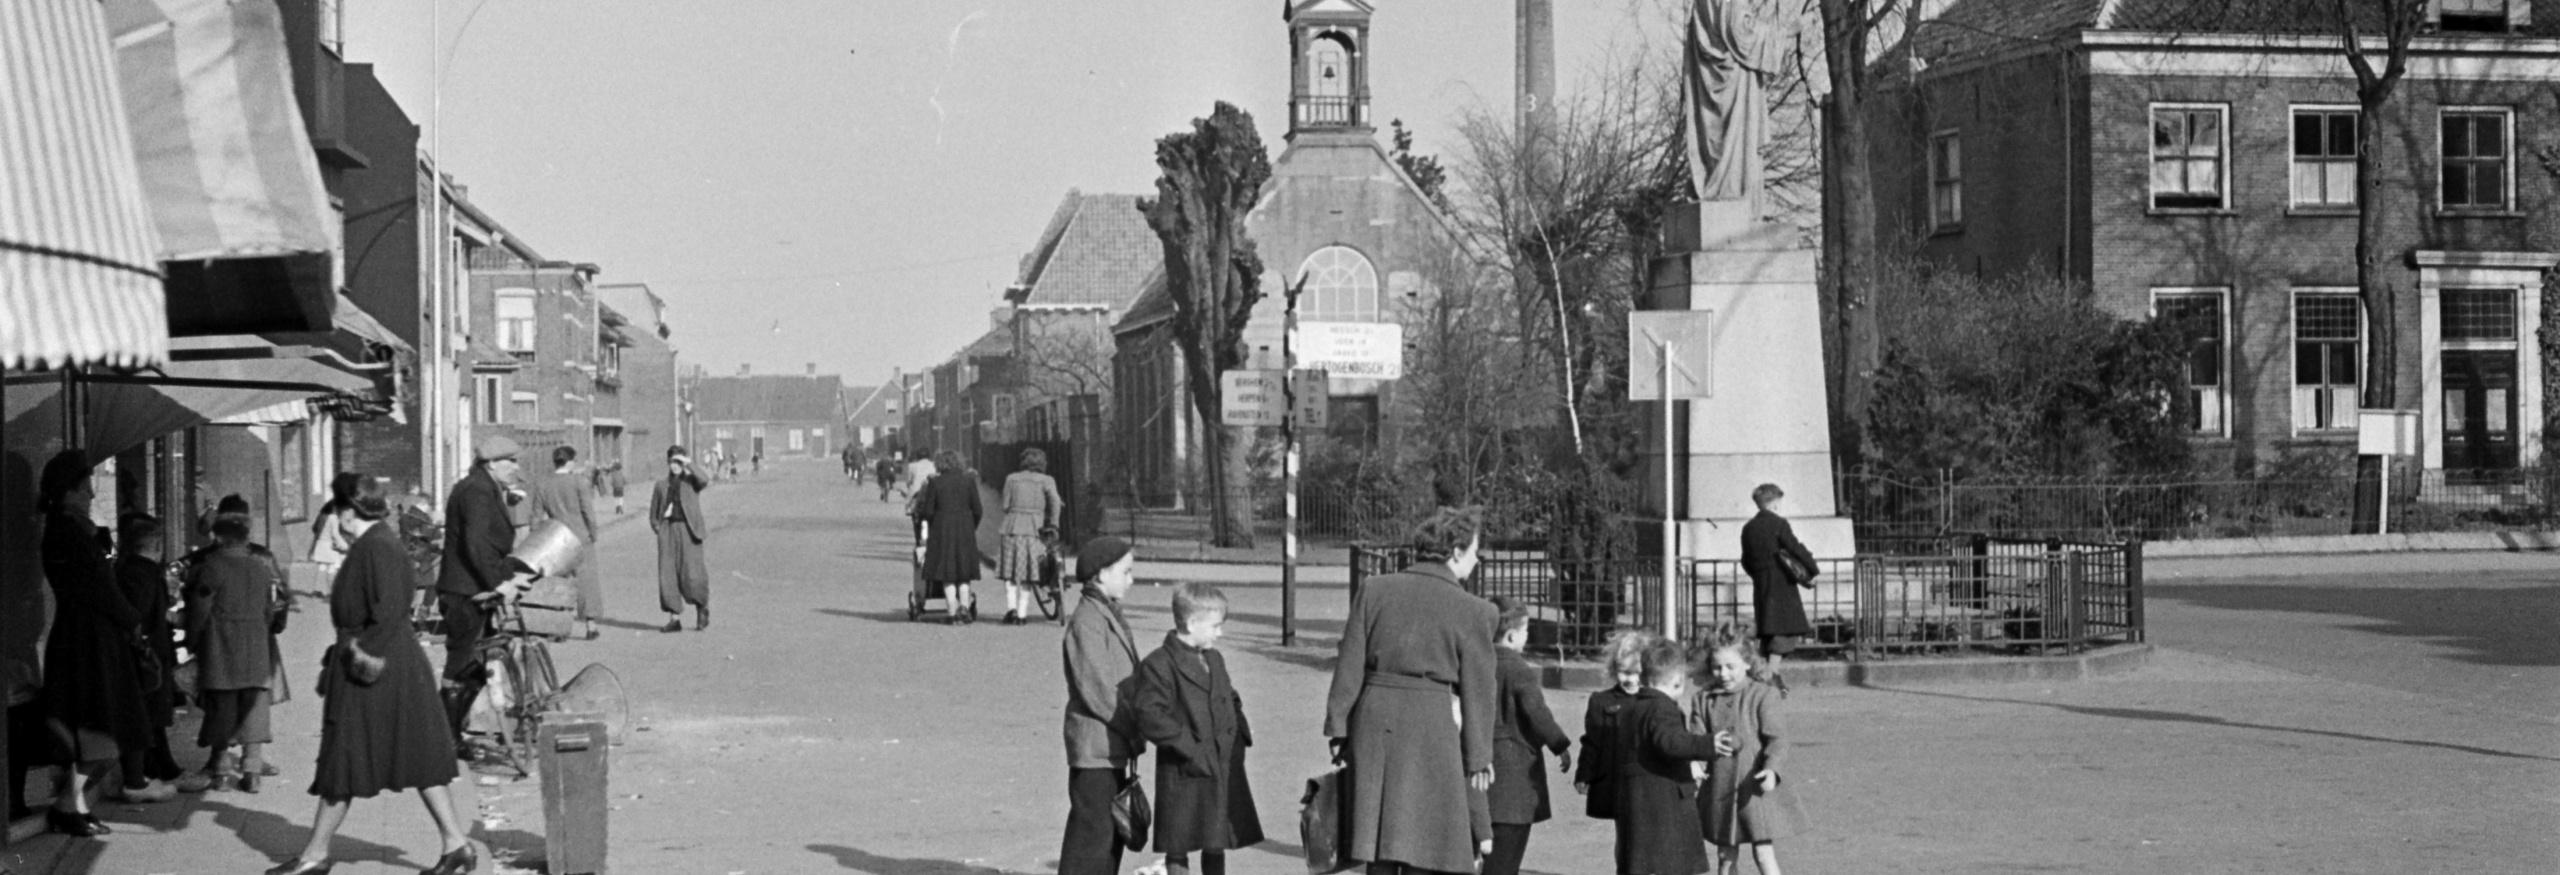 Walstraat in 1949, gezien vanaf Walplein, met port. kerkje en Heilig Hartbeeld